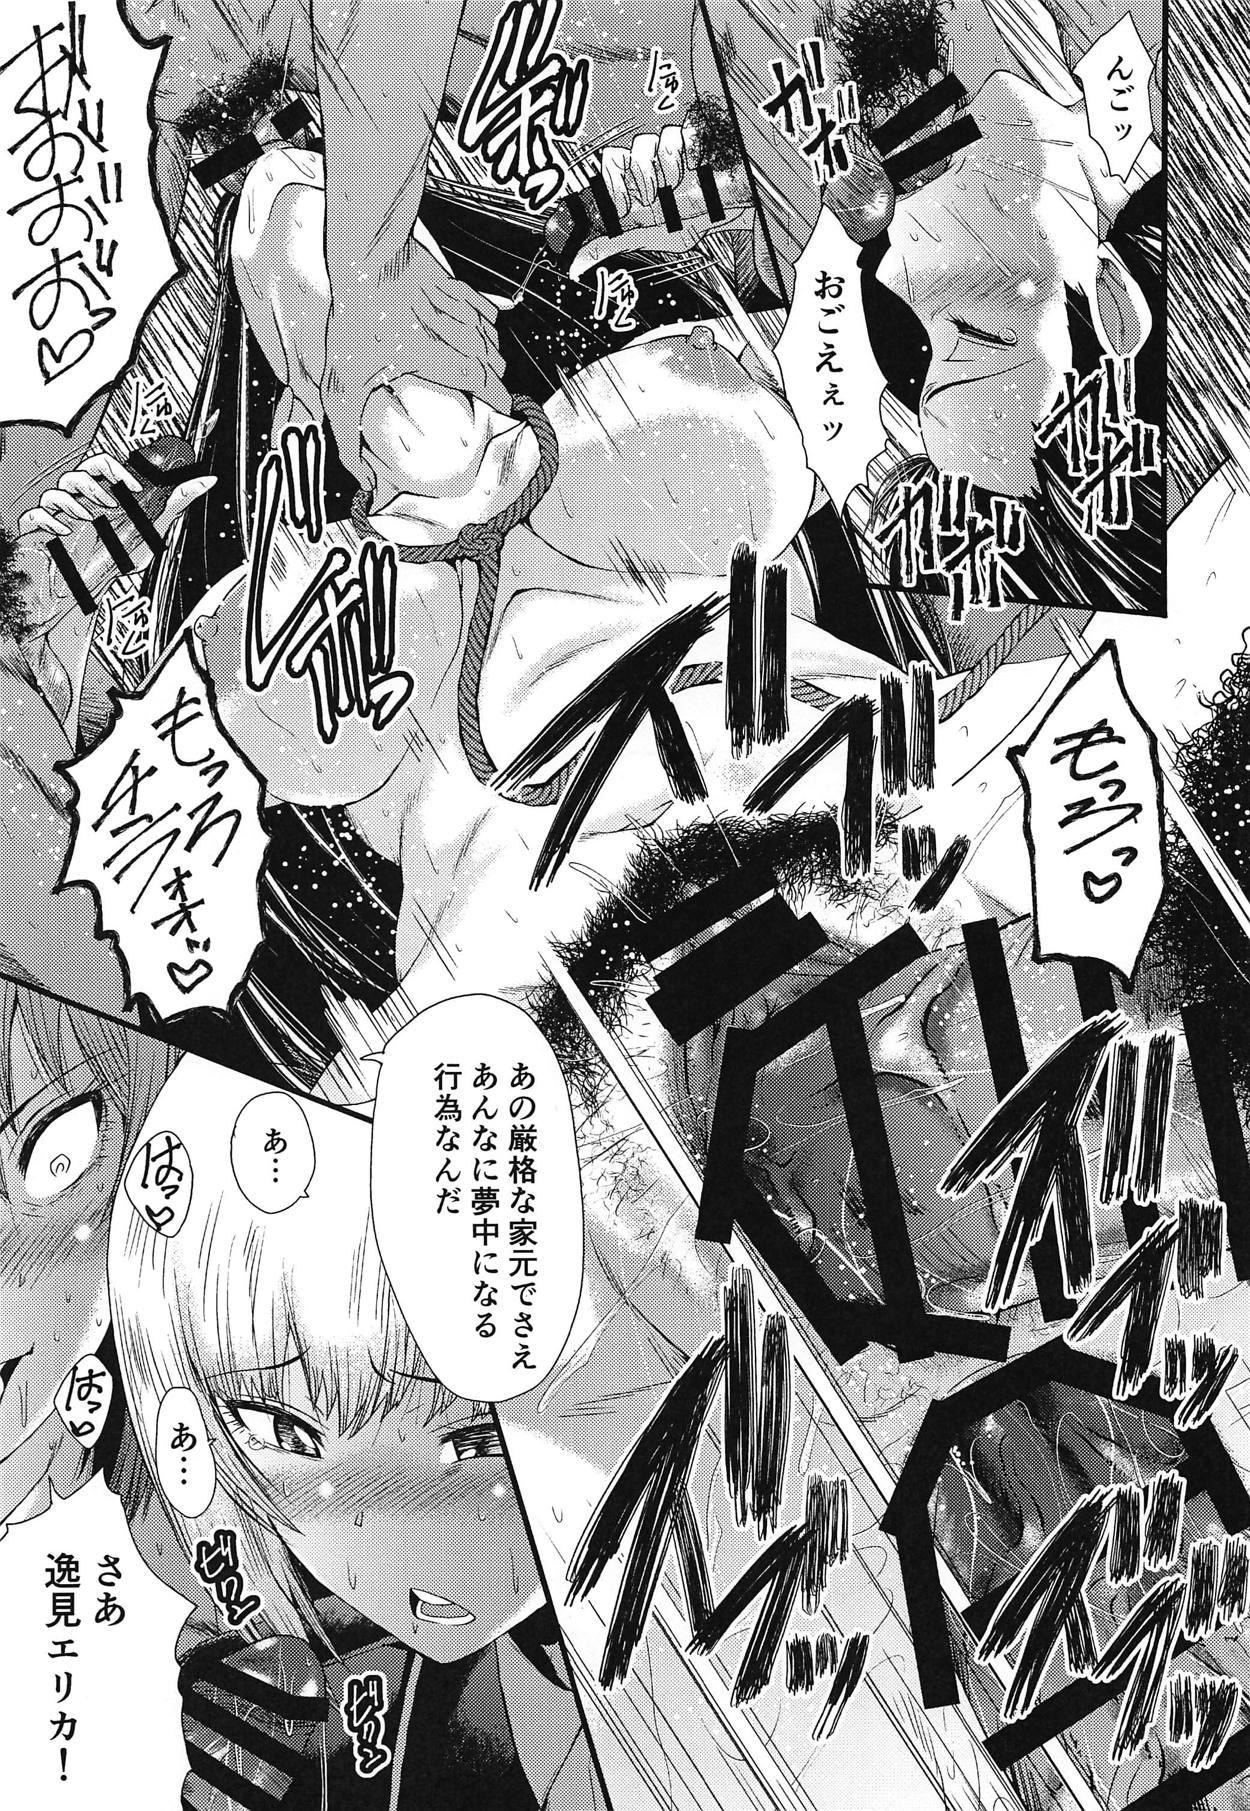 Urabambi Vol. 58 Genfuku Taichou o Seiteki ni Yorokobasechau Hon 11